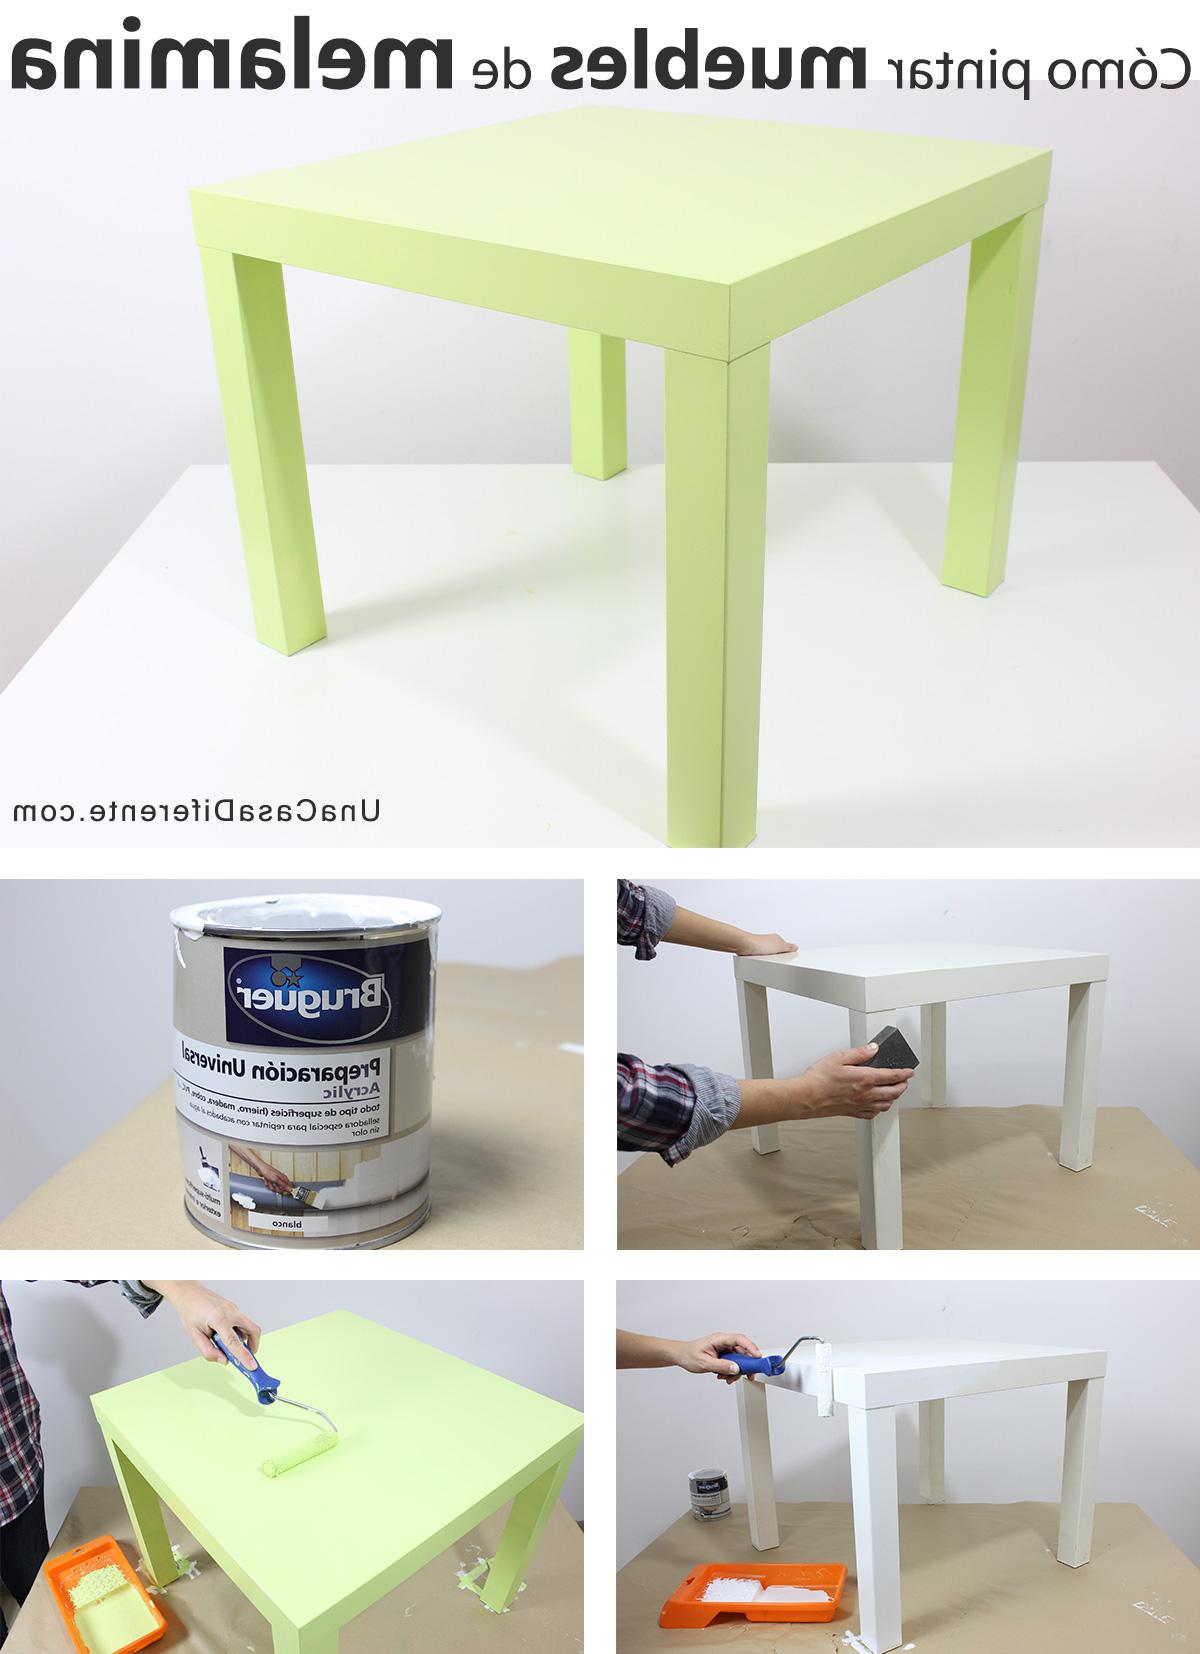 Como Cambiar De Color Un Mueble De Melamina Nkde CÃ Mo Pintar Muebles De Melamina Una Casa Diferente